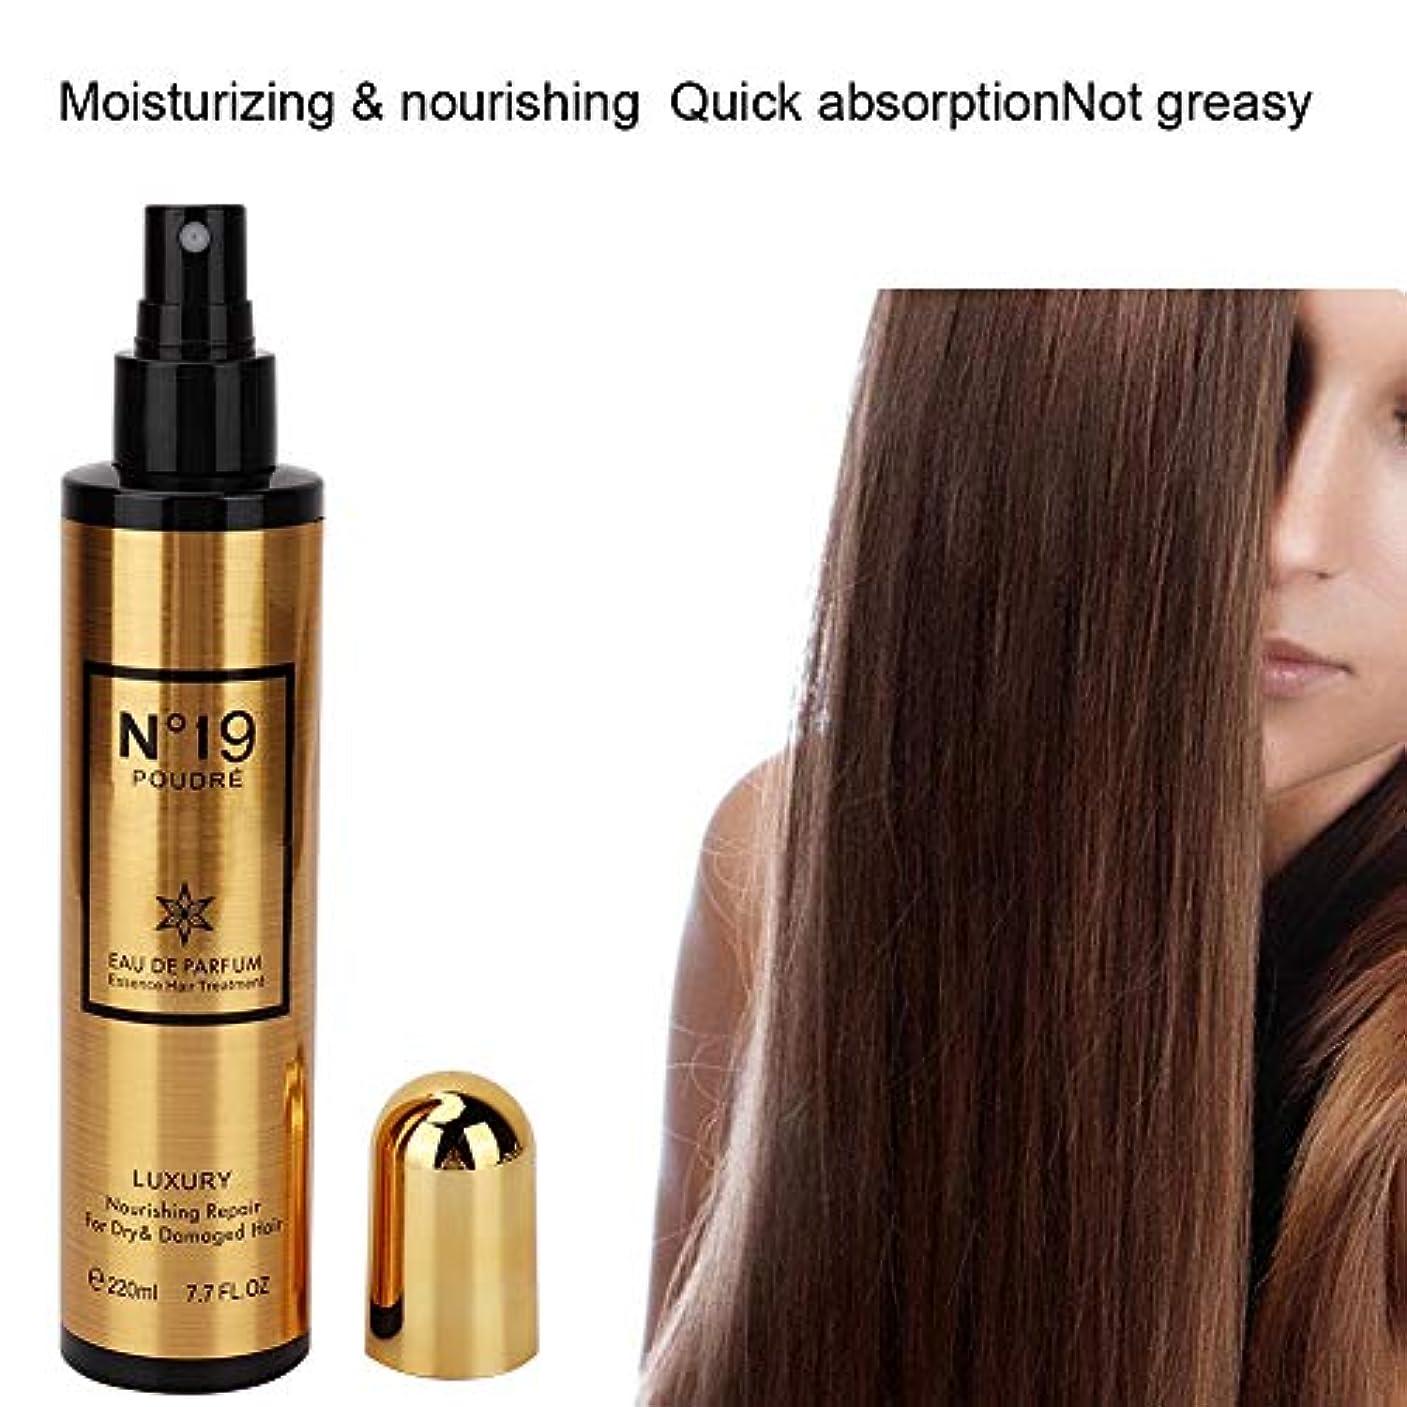 透ける美しいゲストヘアコンディショナー、ウォッシュフリーマイルドモイスチャライジングリペア栄養スムースヘアケアスプレードライカーリーストレート染め傷んだ髪220ml